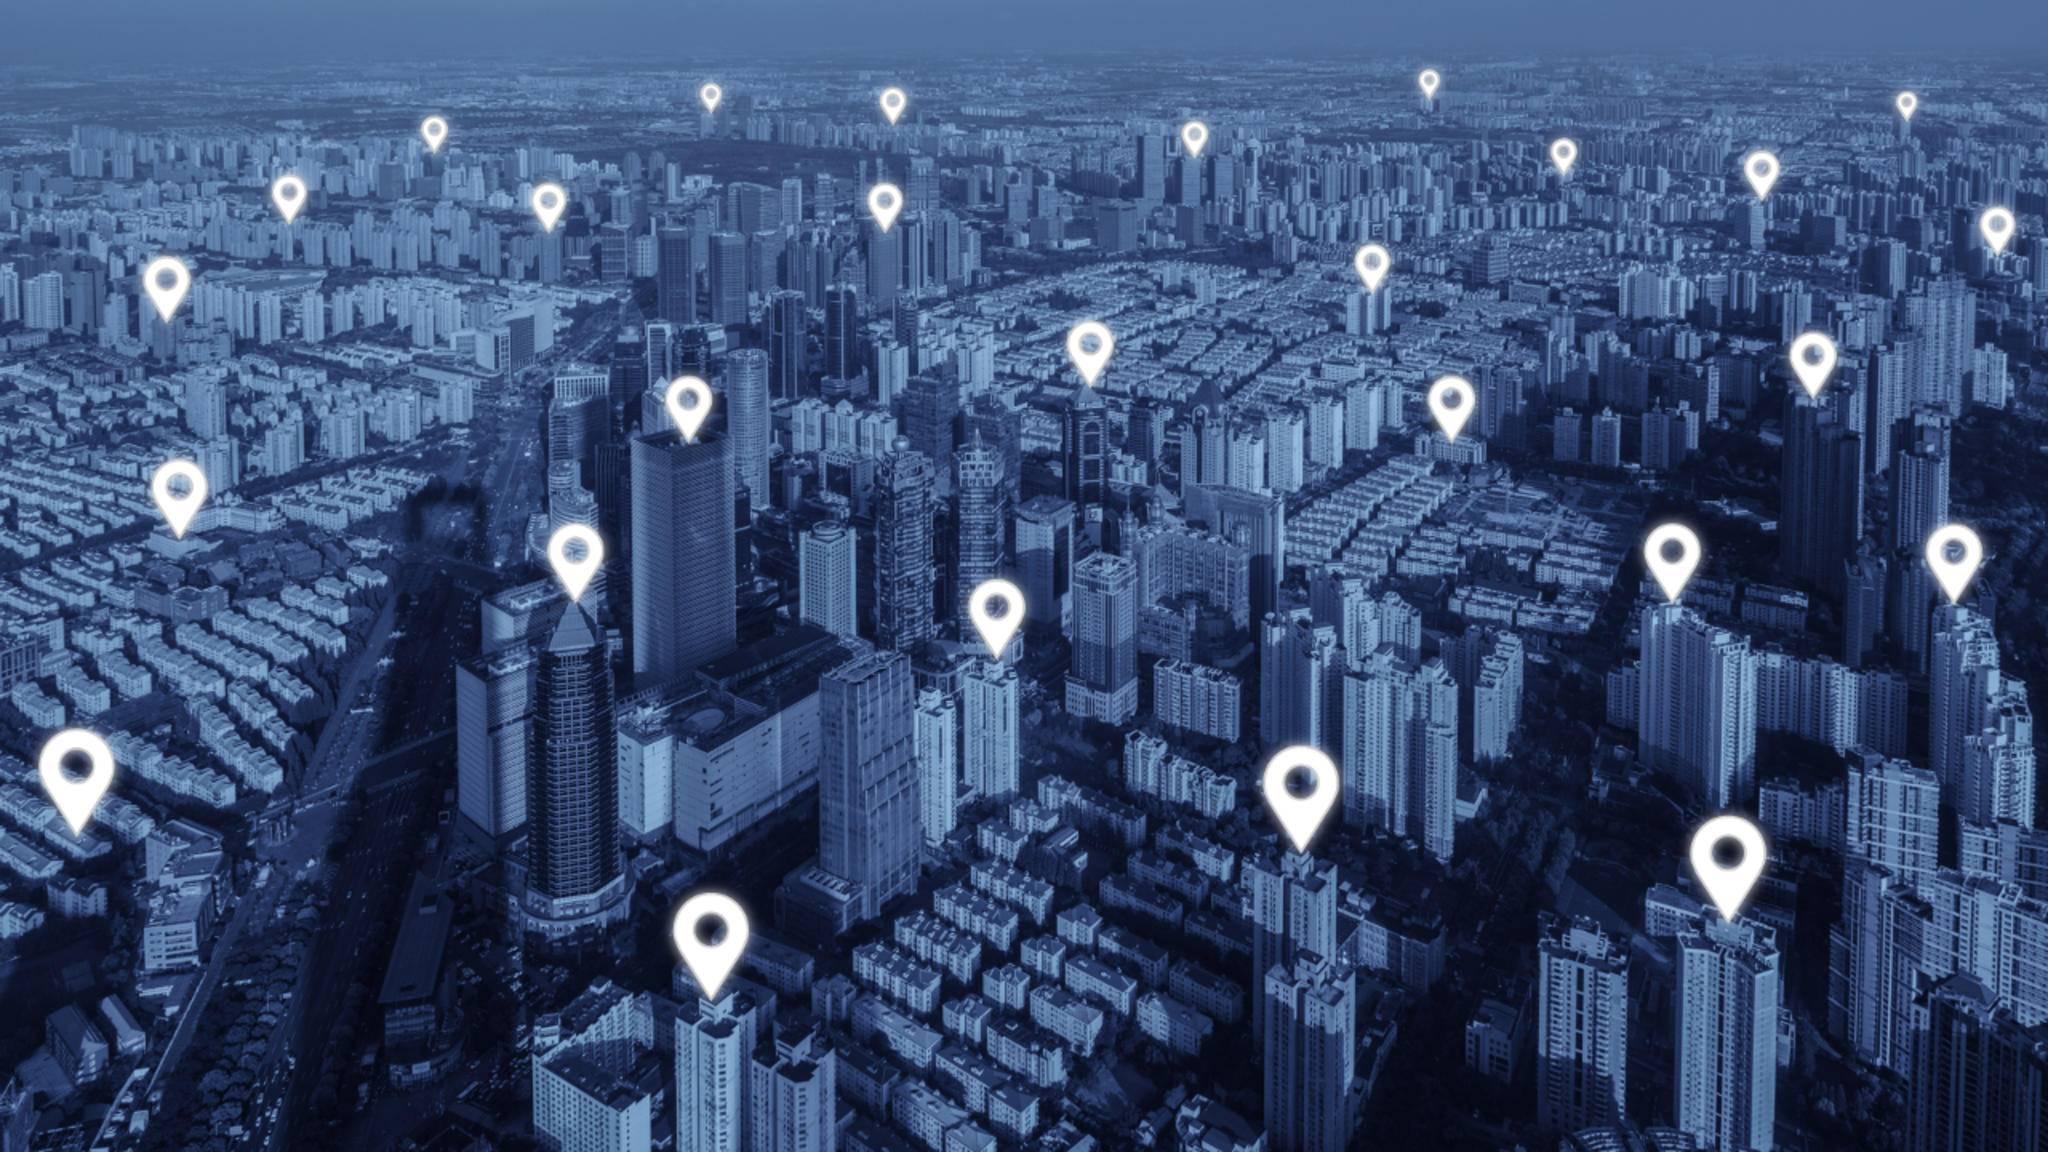 Auch ohne GPS können Smartphone-Nutzer leicht getrackt werden.